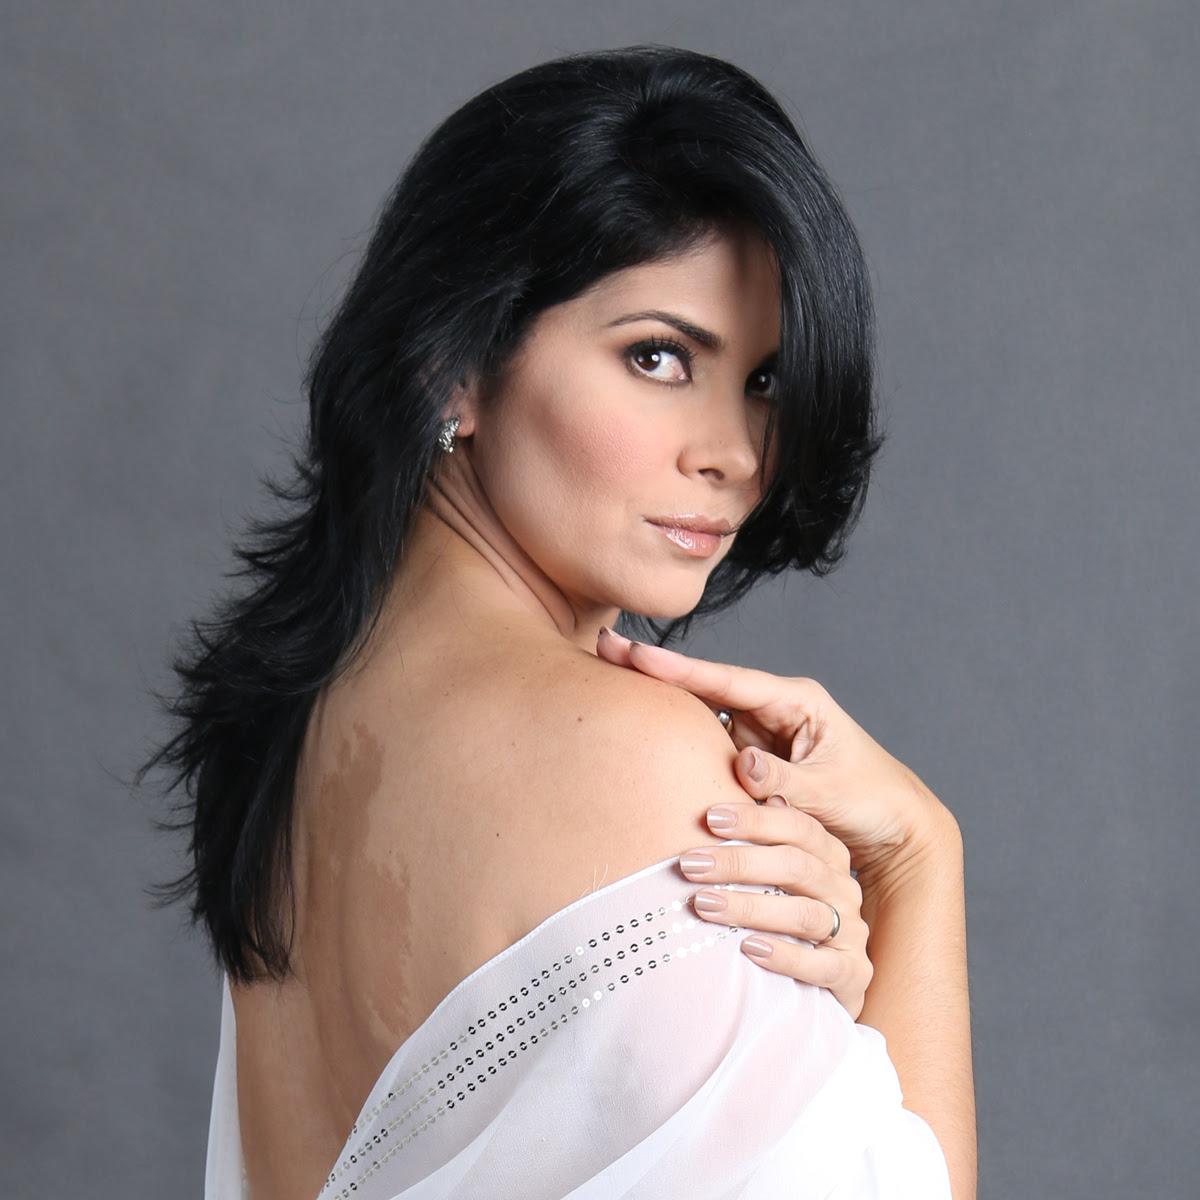 Annaé Torrealba